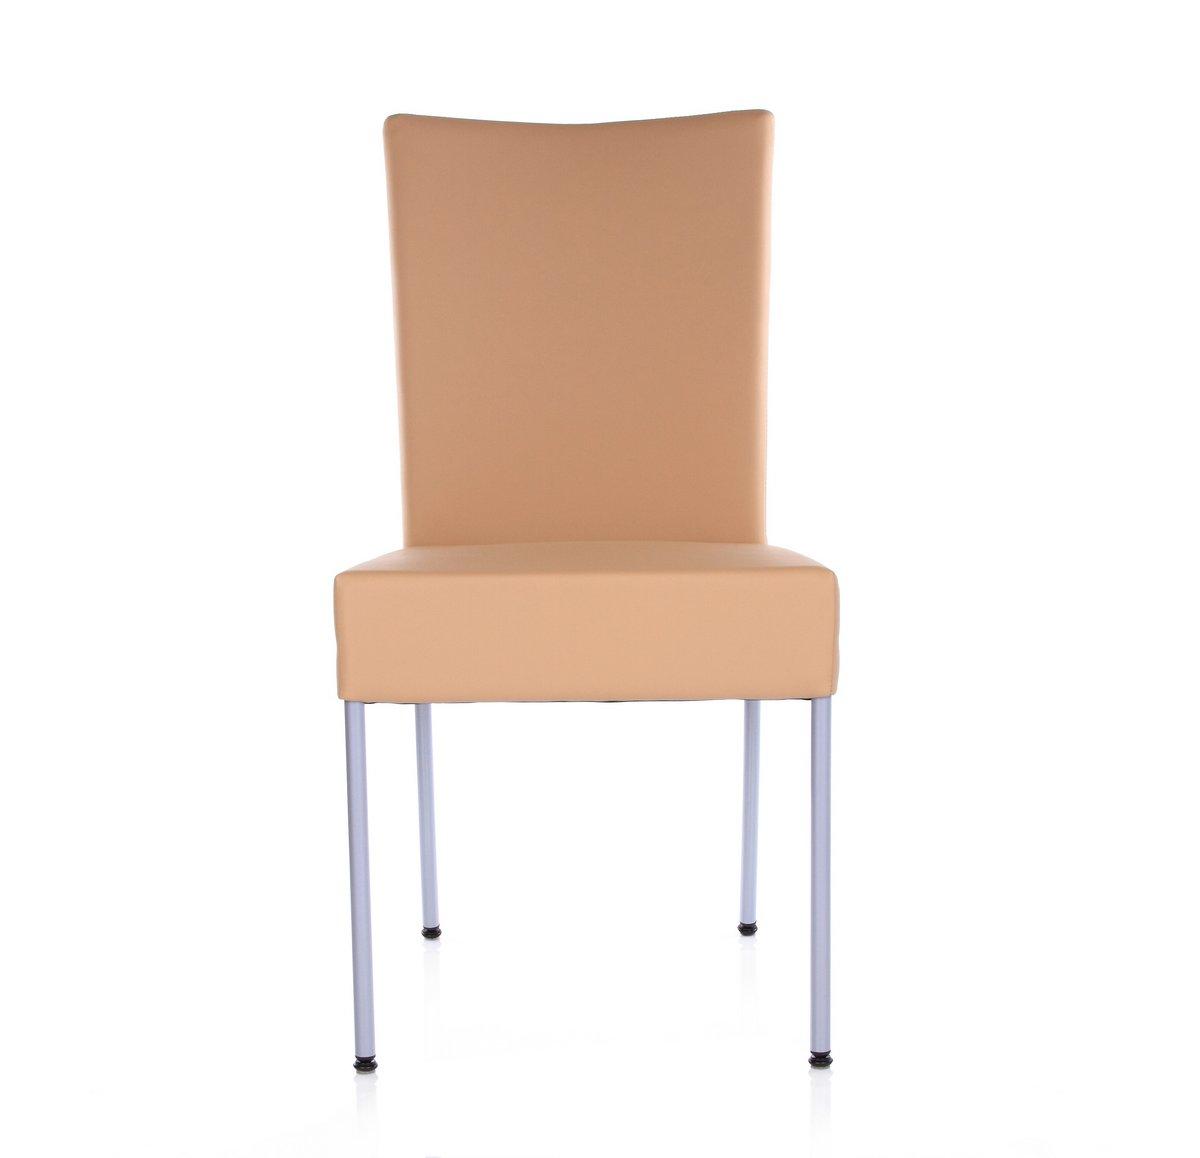 Krzesła konferencyjne Time, krzesła do sal konferencyjnych, restauracji, kawiarni